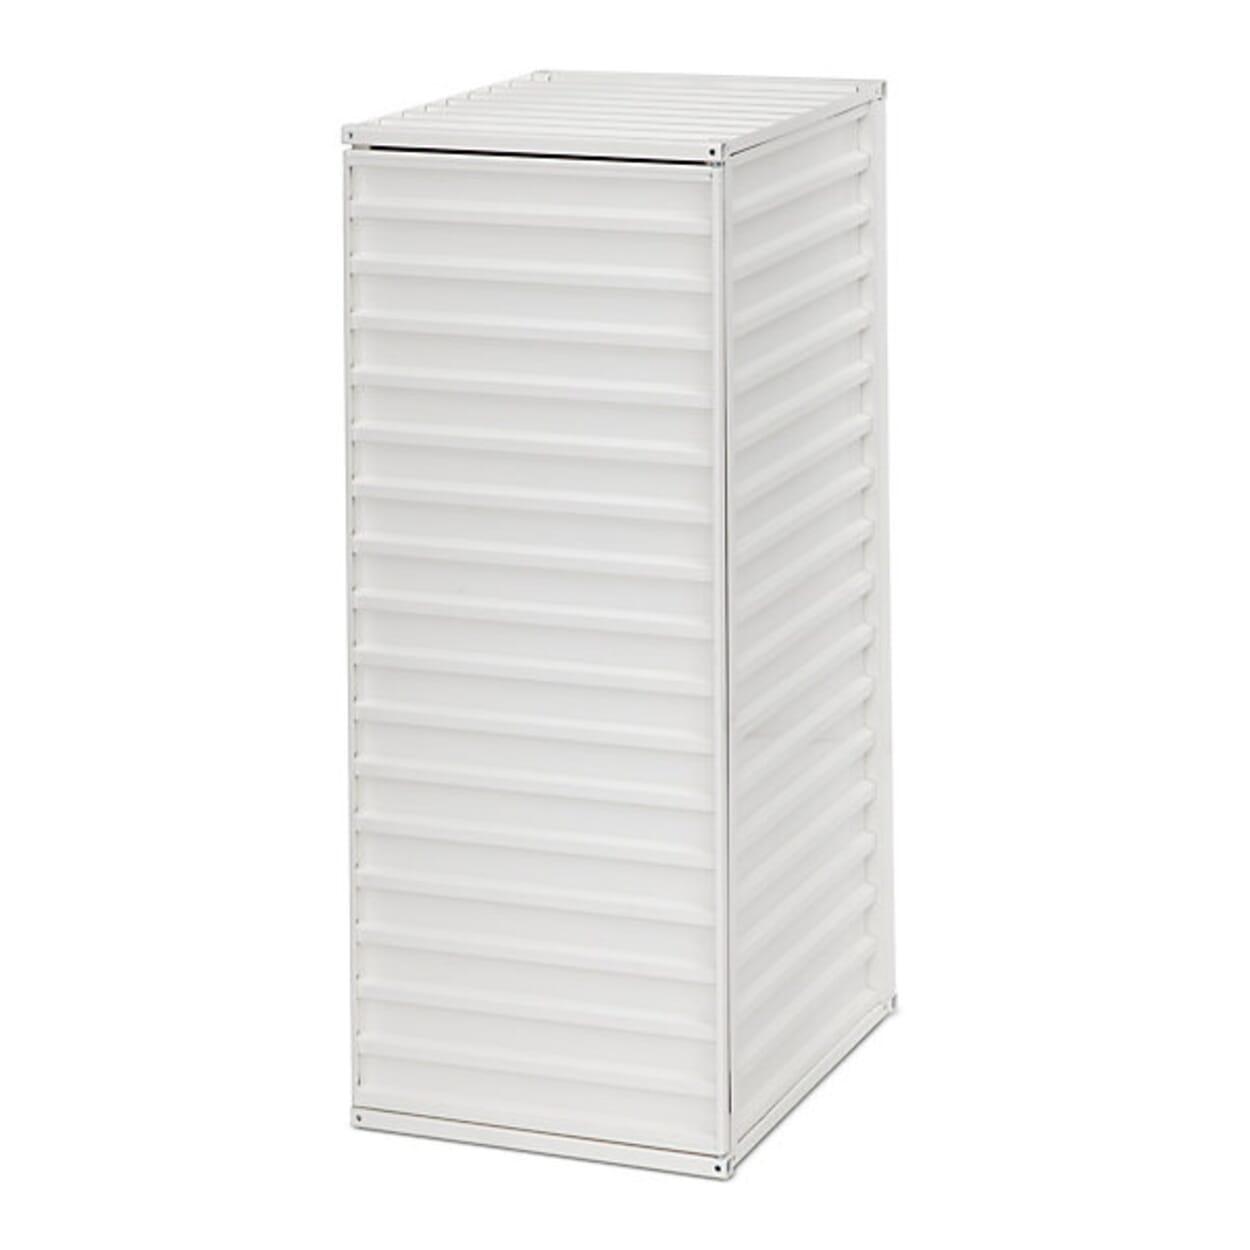 Container DS Plus